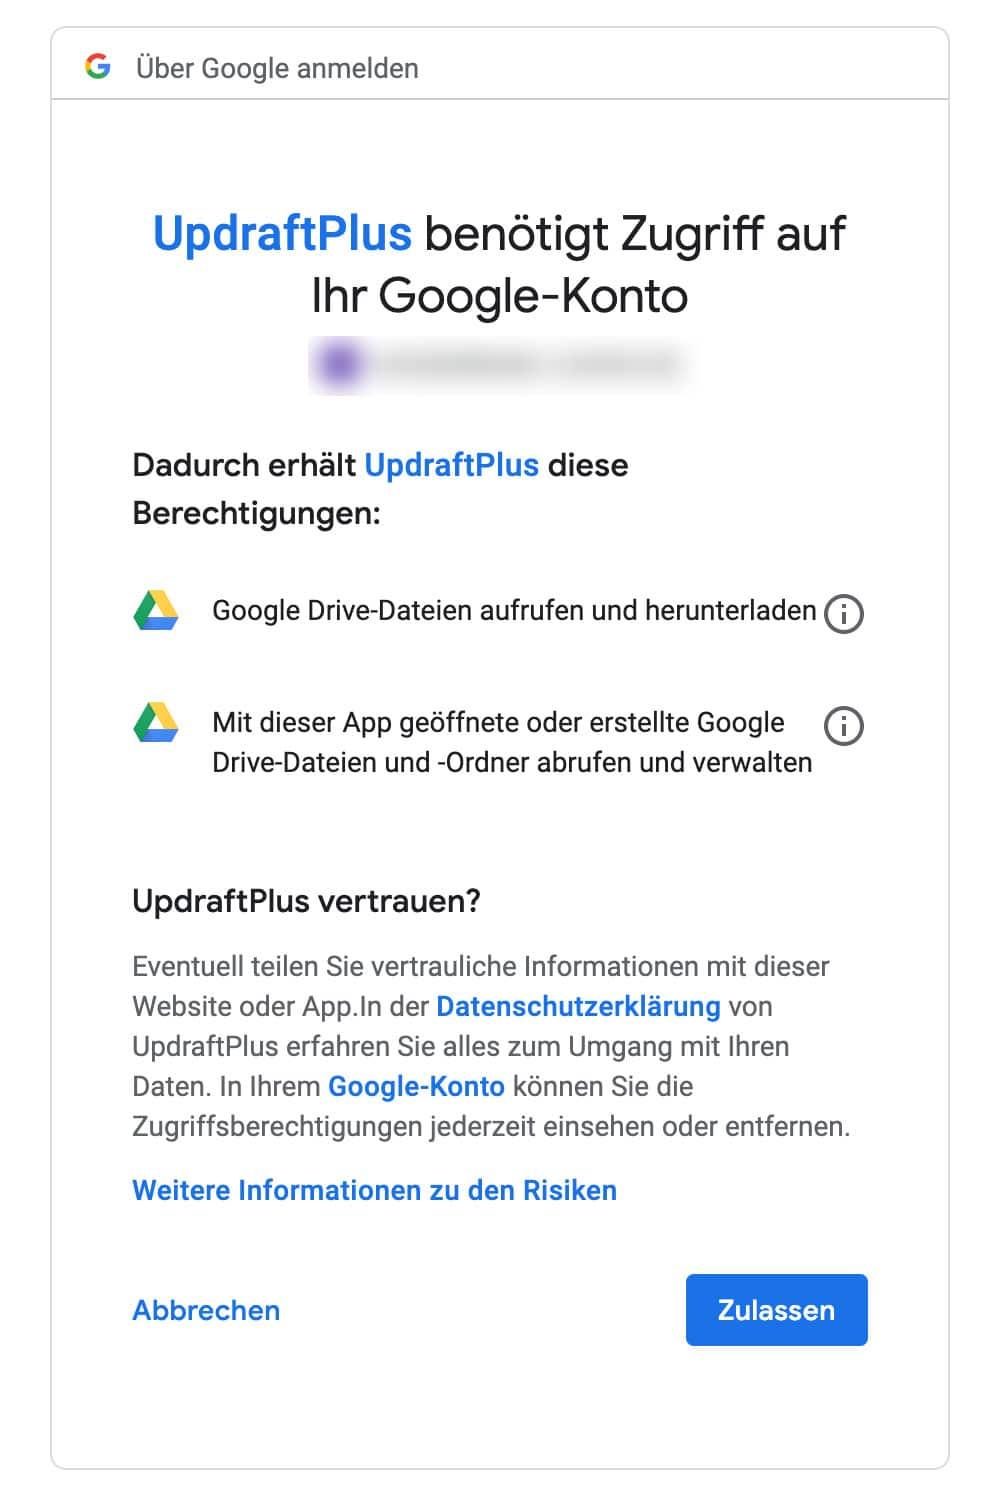 Das Google Drive erfordert die Legitimation von UpdraftPlus